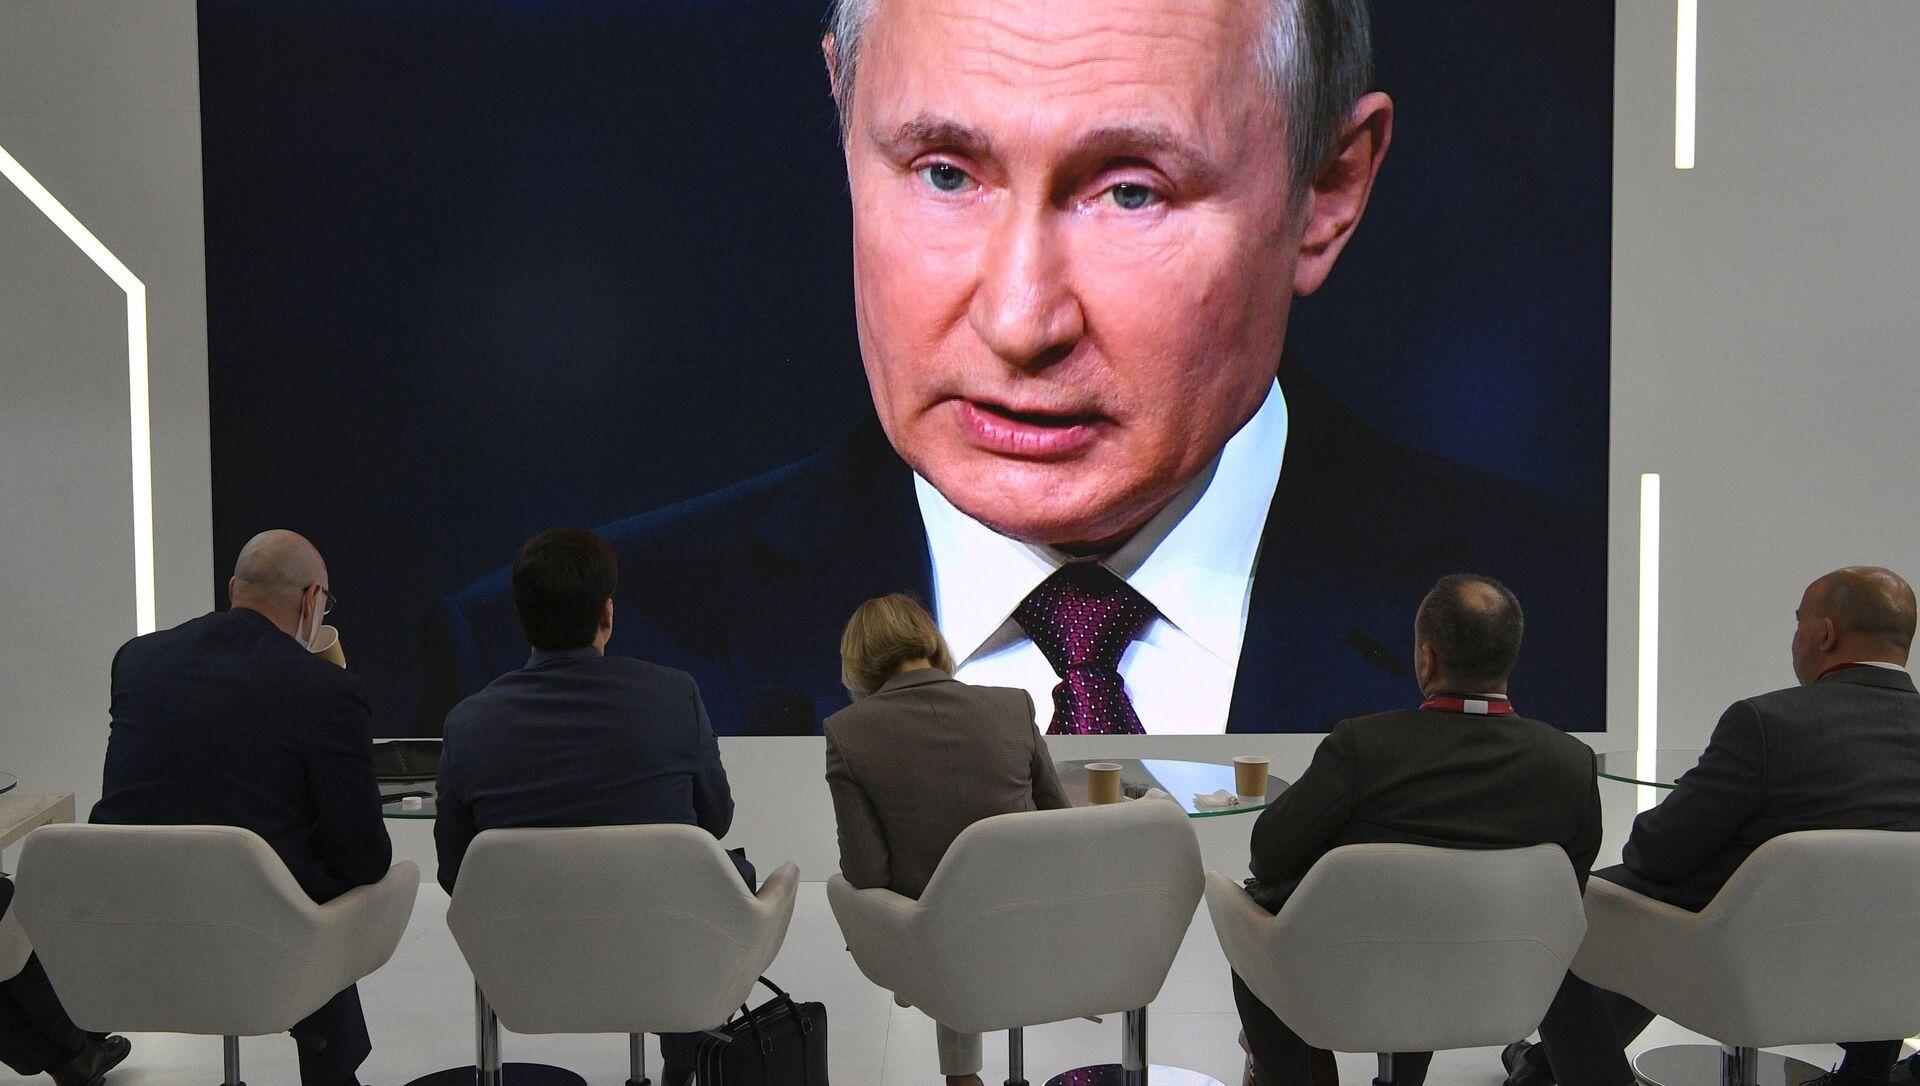 Prezydent Rosji uczestniczy w Międzynarodowym Forum Ekonomicznym w Petersburgu - Sputnik Polska, 1920, 04.06.2021